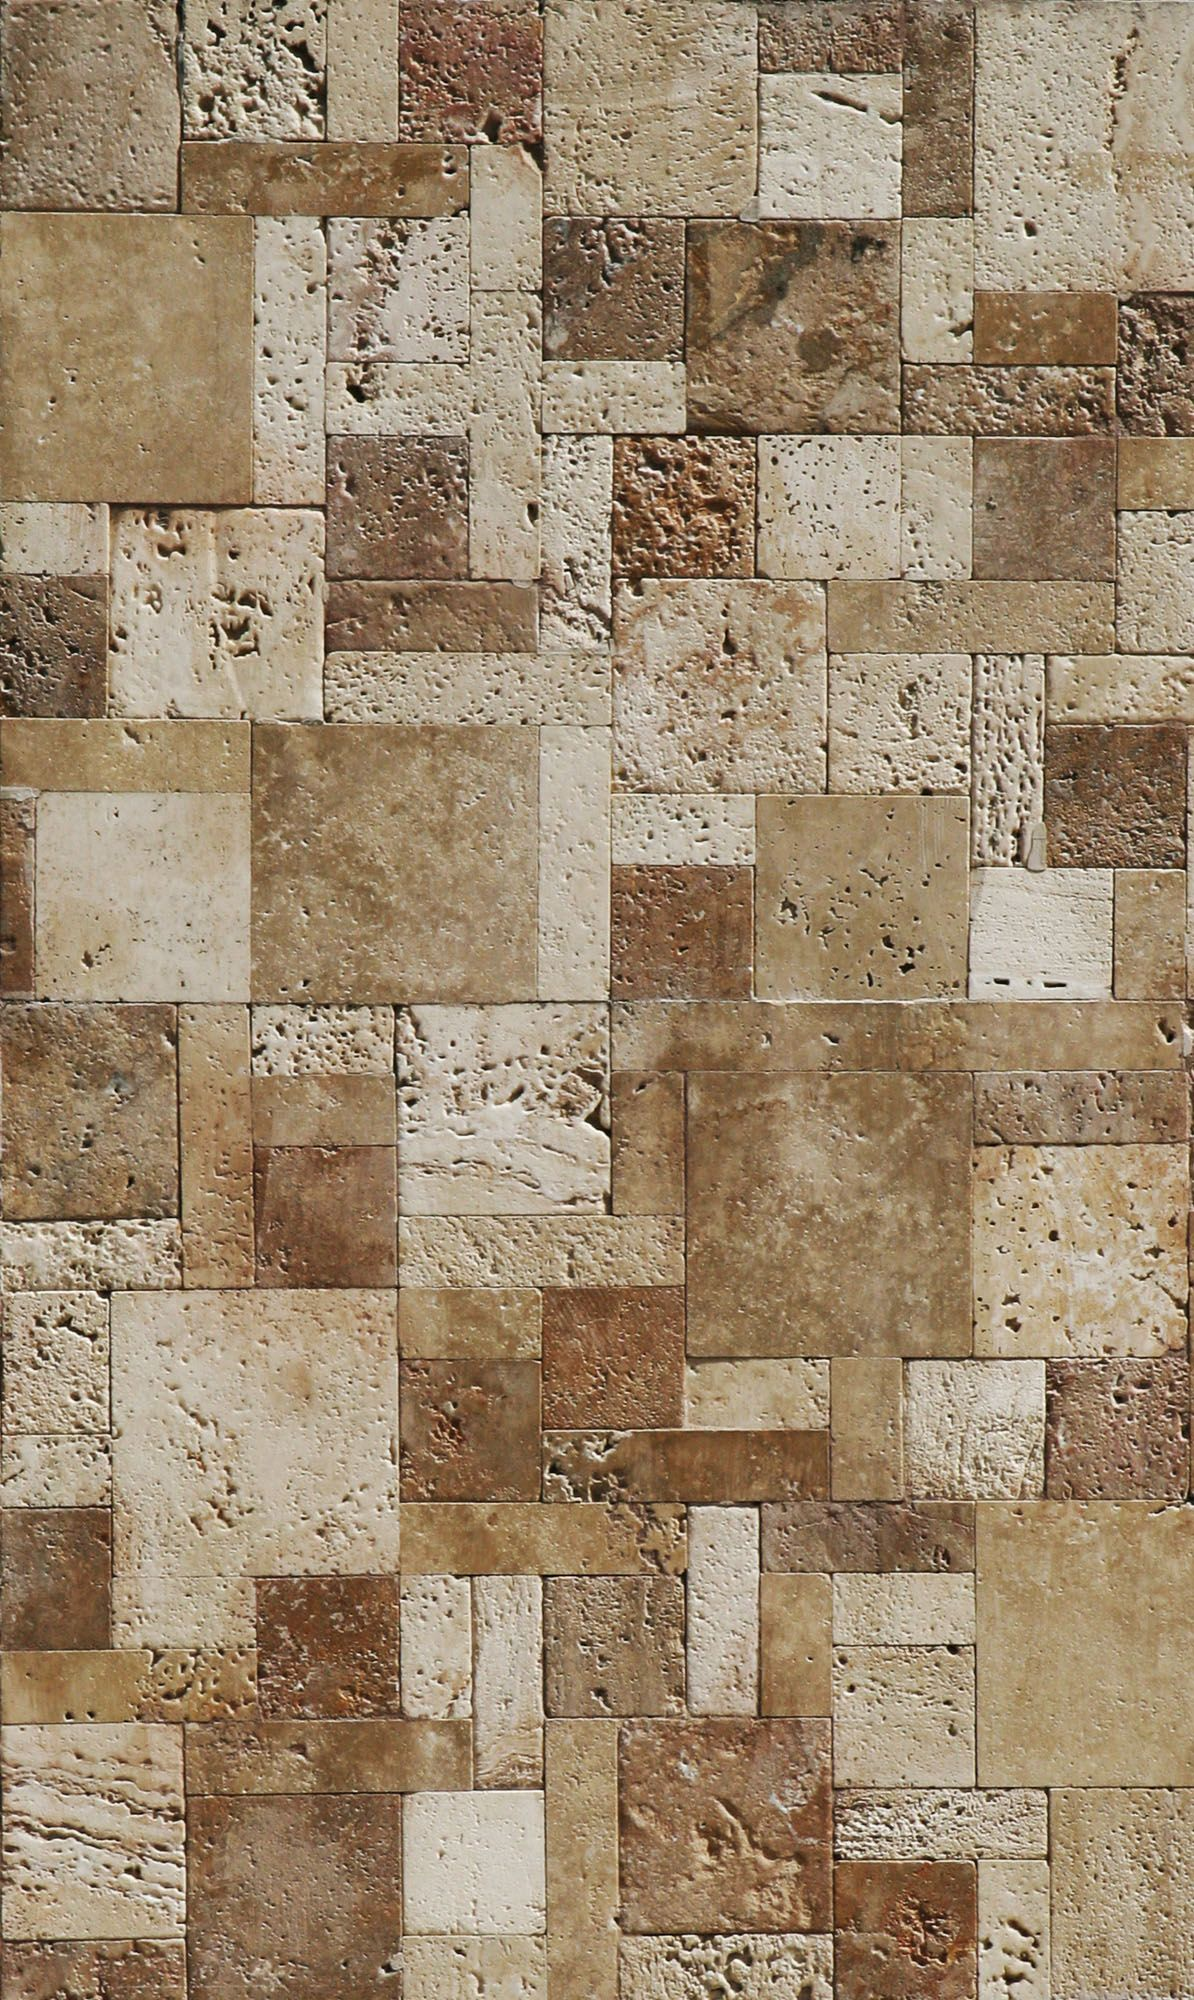 Utilizaci n de piedra en fachadas modernas impresiones - Piedra para pared exterior ...